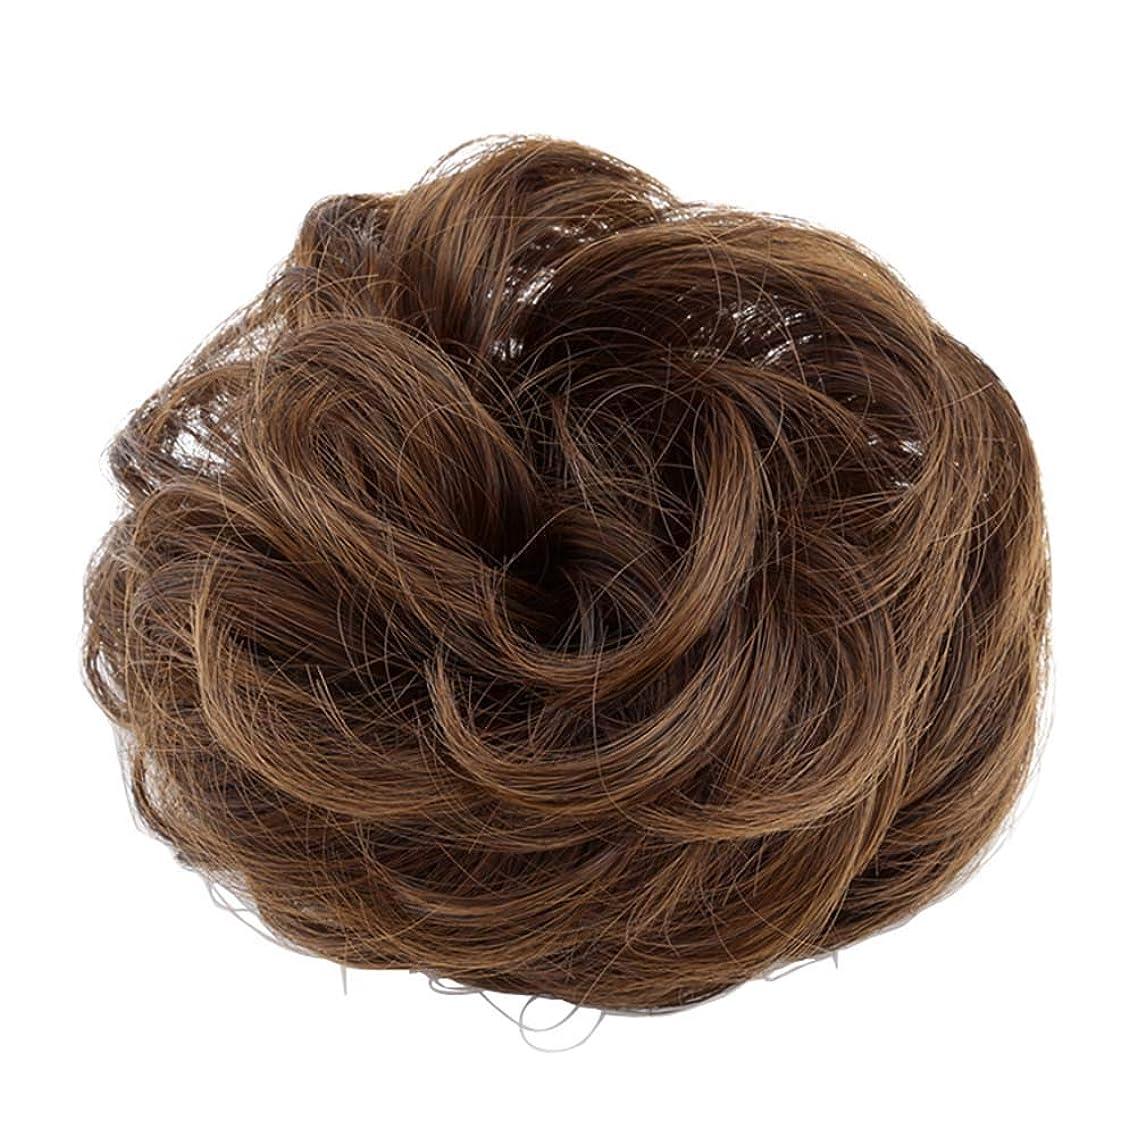 裁量すべき失業者弾性ヘアバンド短い髪型ツール偽の髪のバンズ結婚式ヘアピース(淡い茶色)